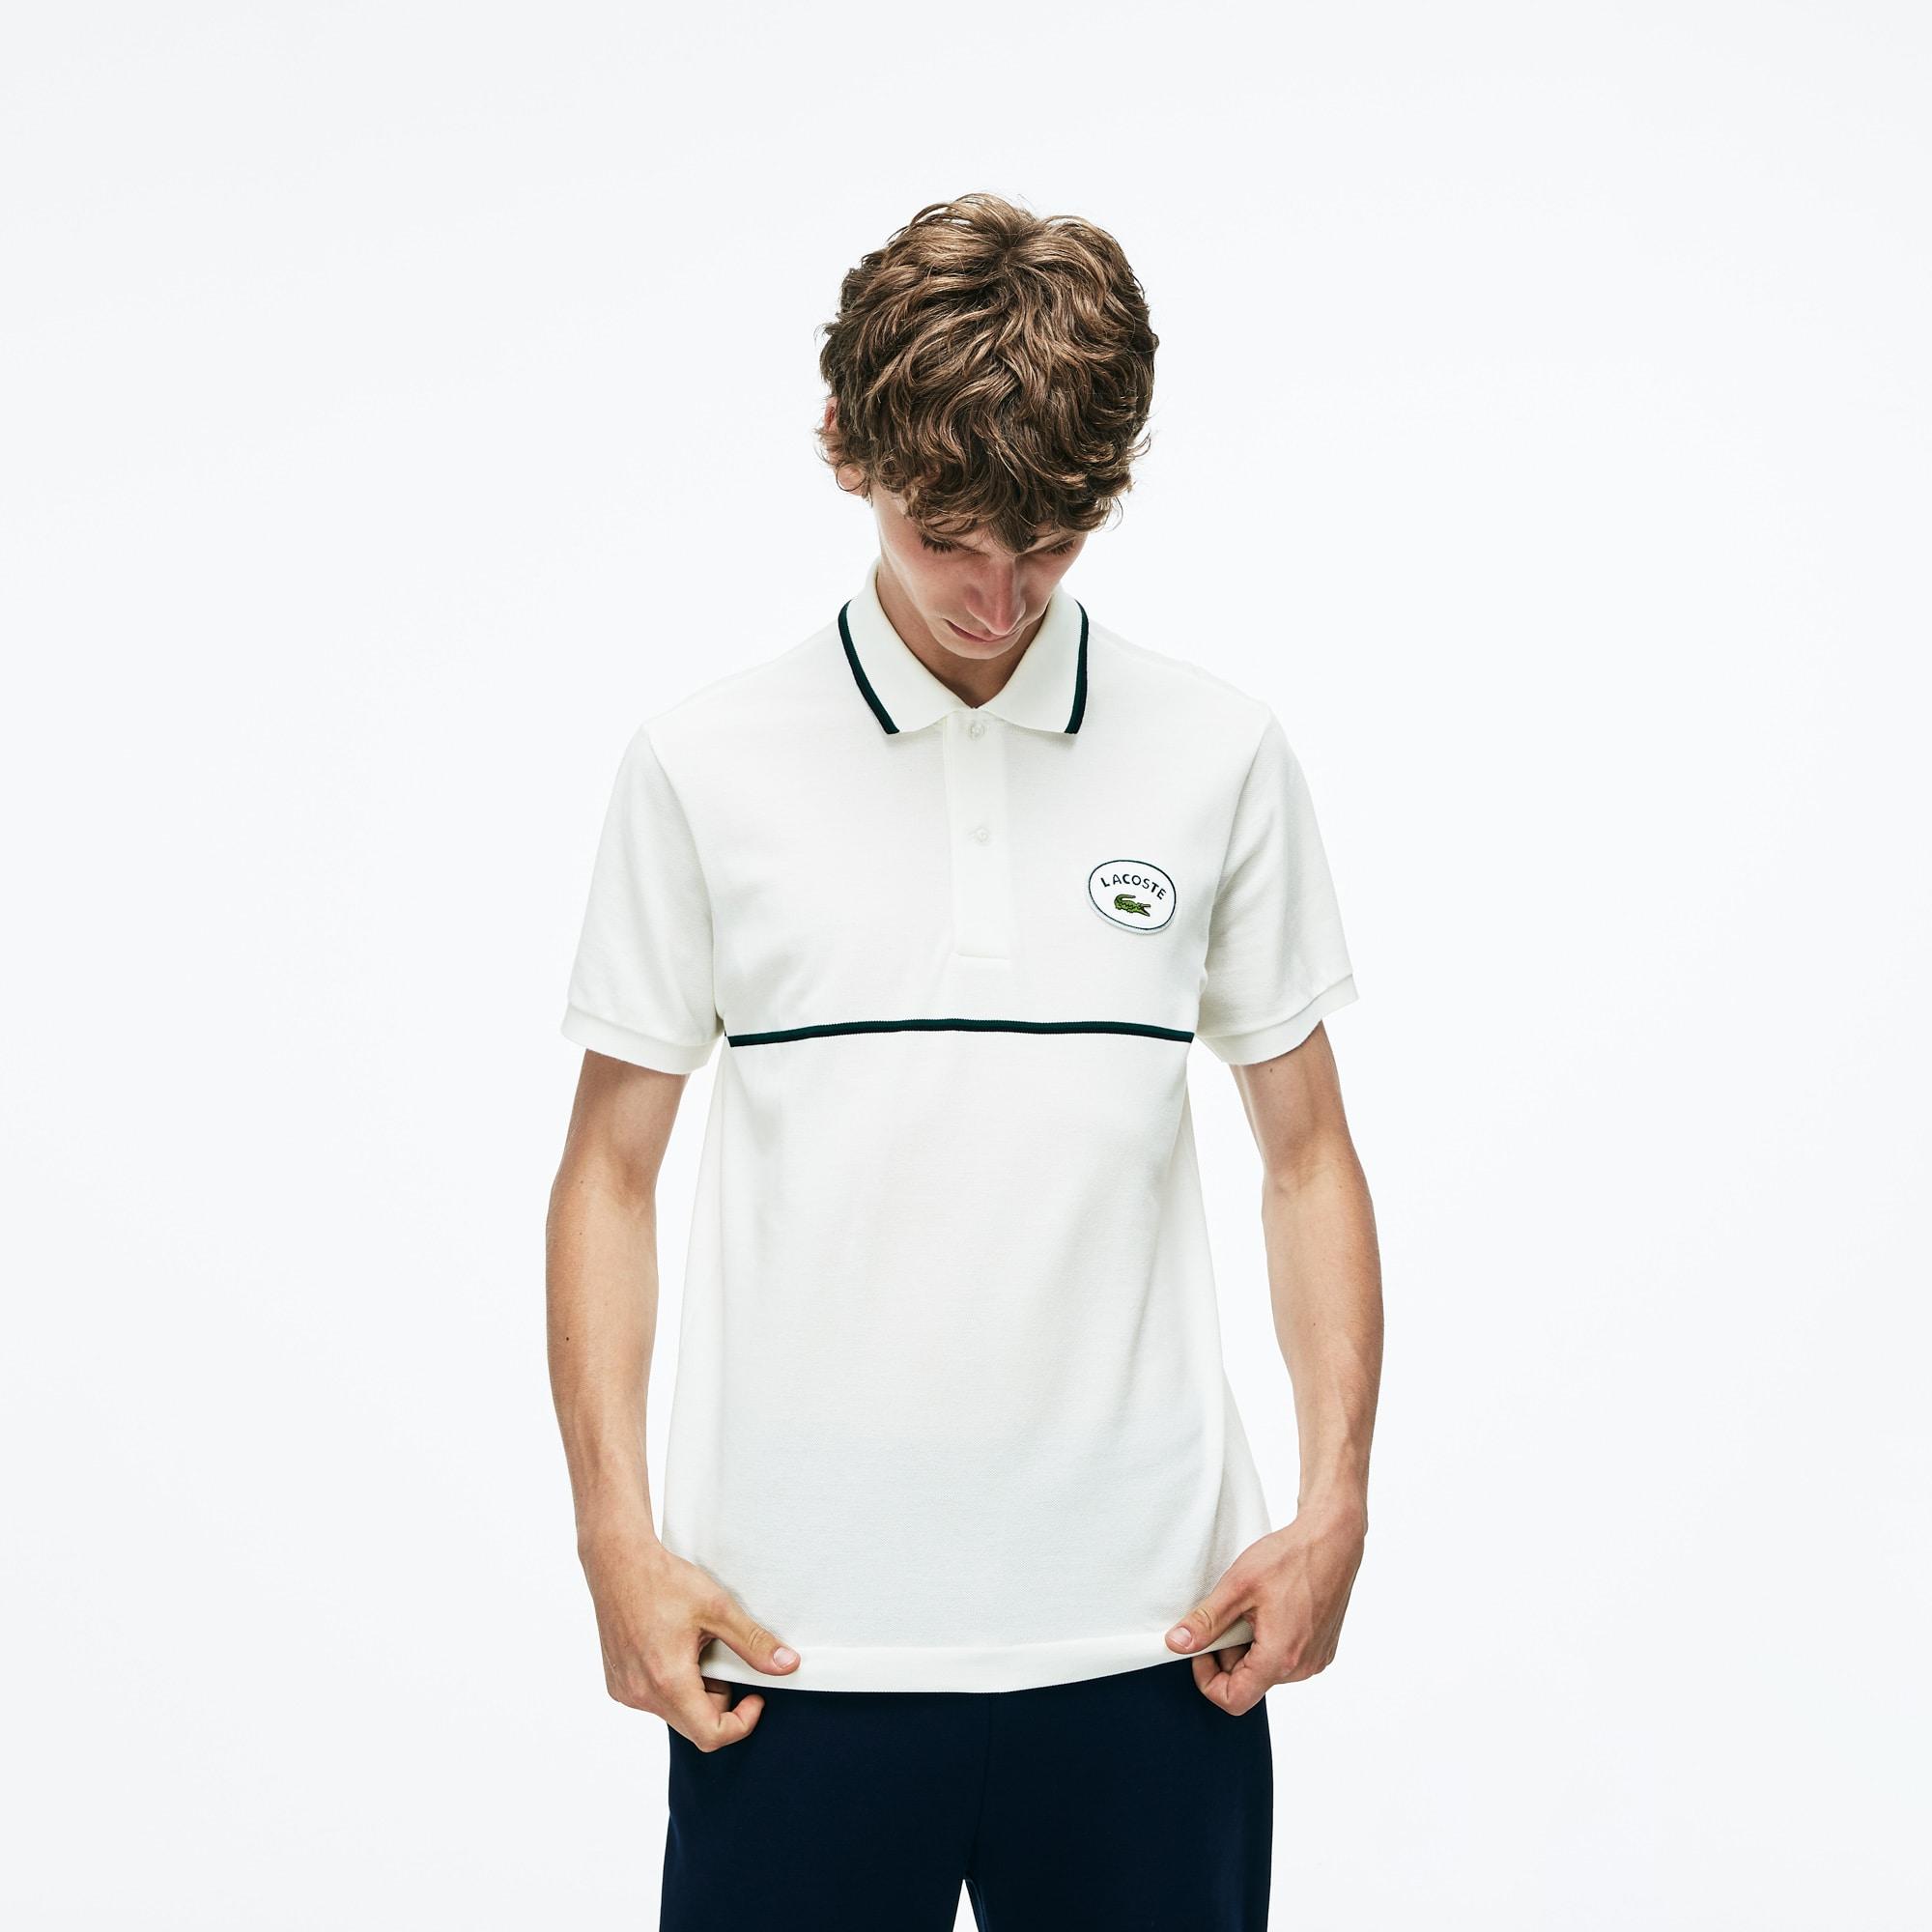 Men's Lacoste Slim Fit Striped Accents Petit Piqué Polo Shirt